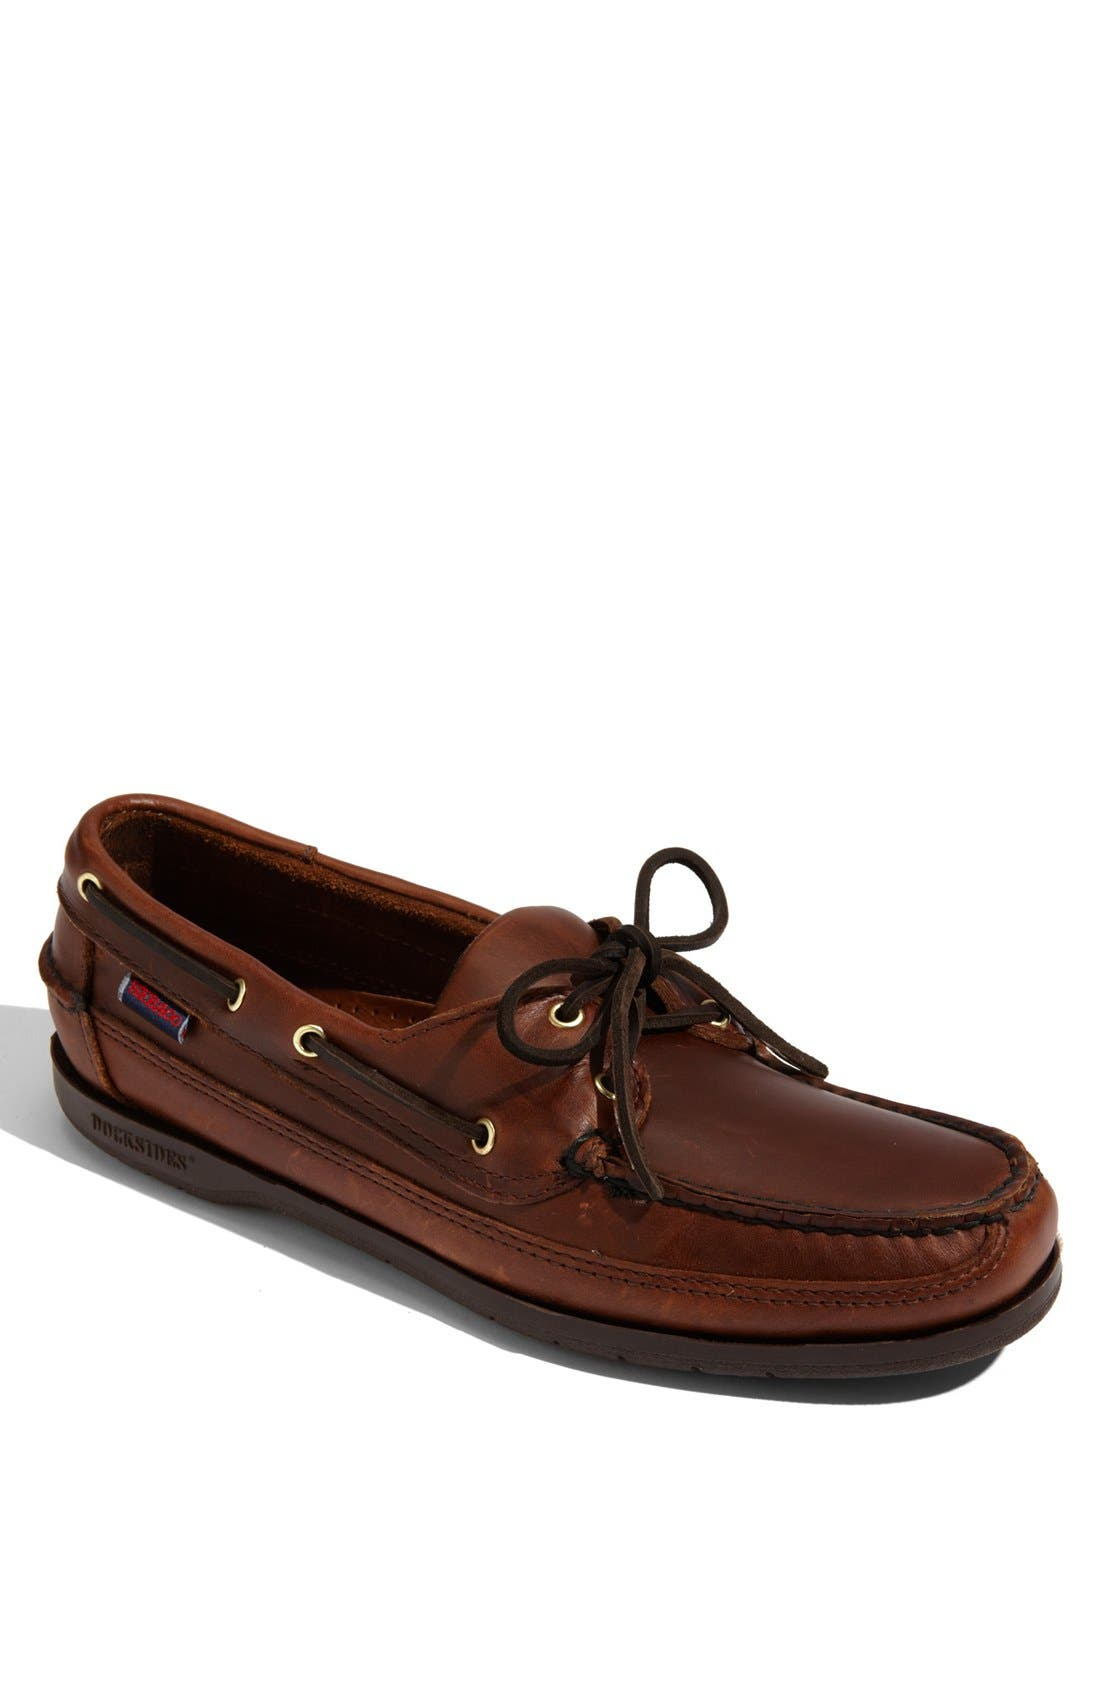 Main Image - Sebago 'Schooner' Boat Shoe (Online Only)